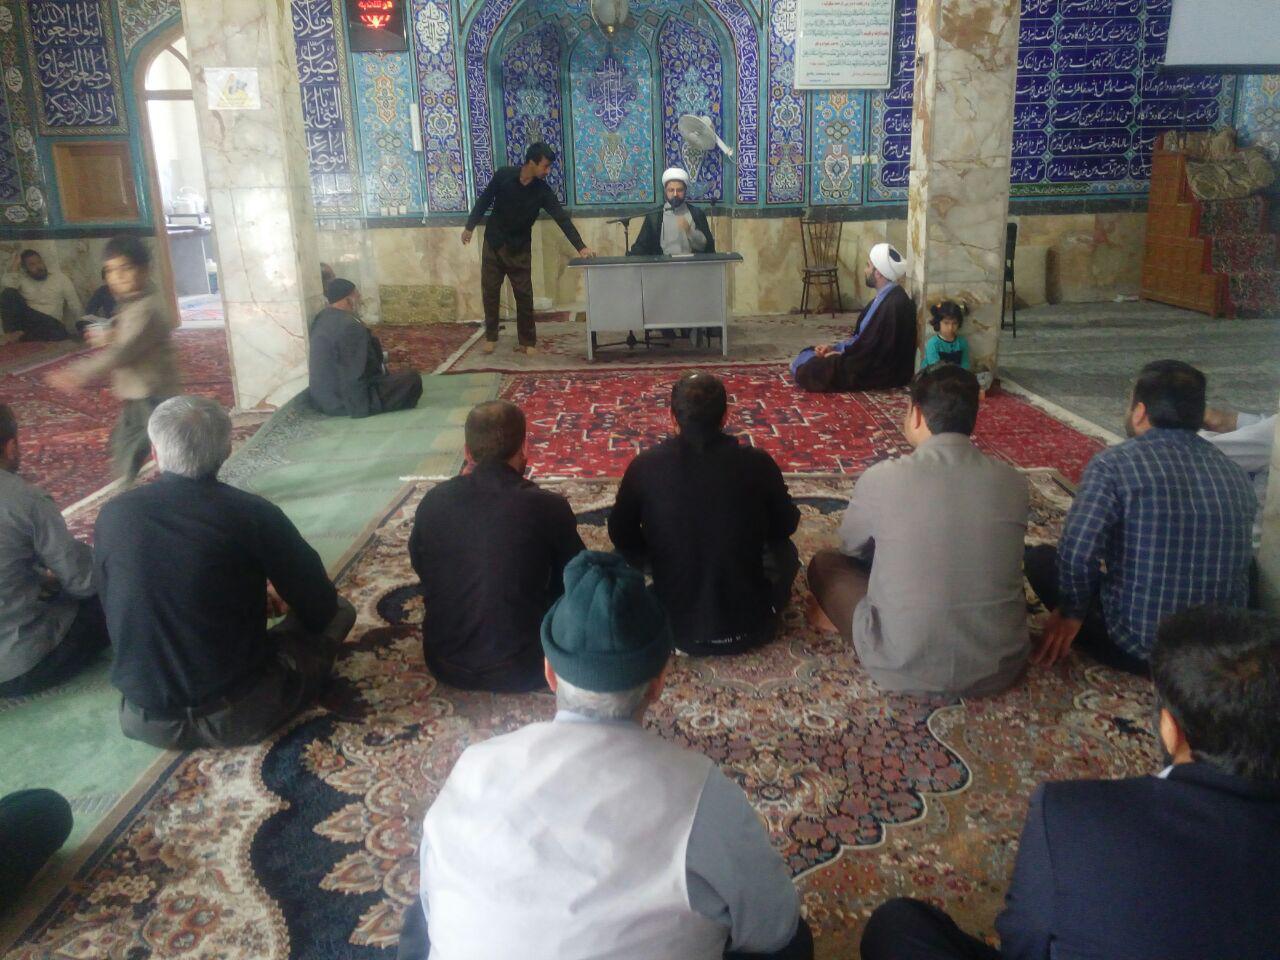 حضور و سخنرانی امام جمعه محترم شهر قهدریجان در بین معتکفین مسجد بزرگ